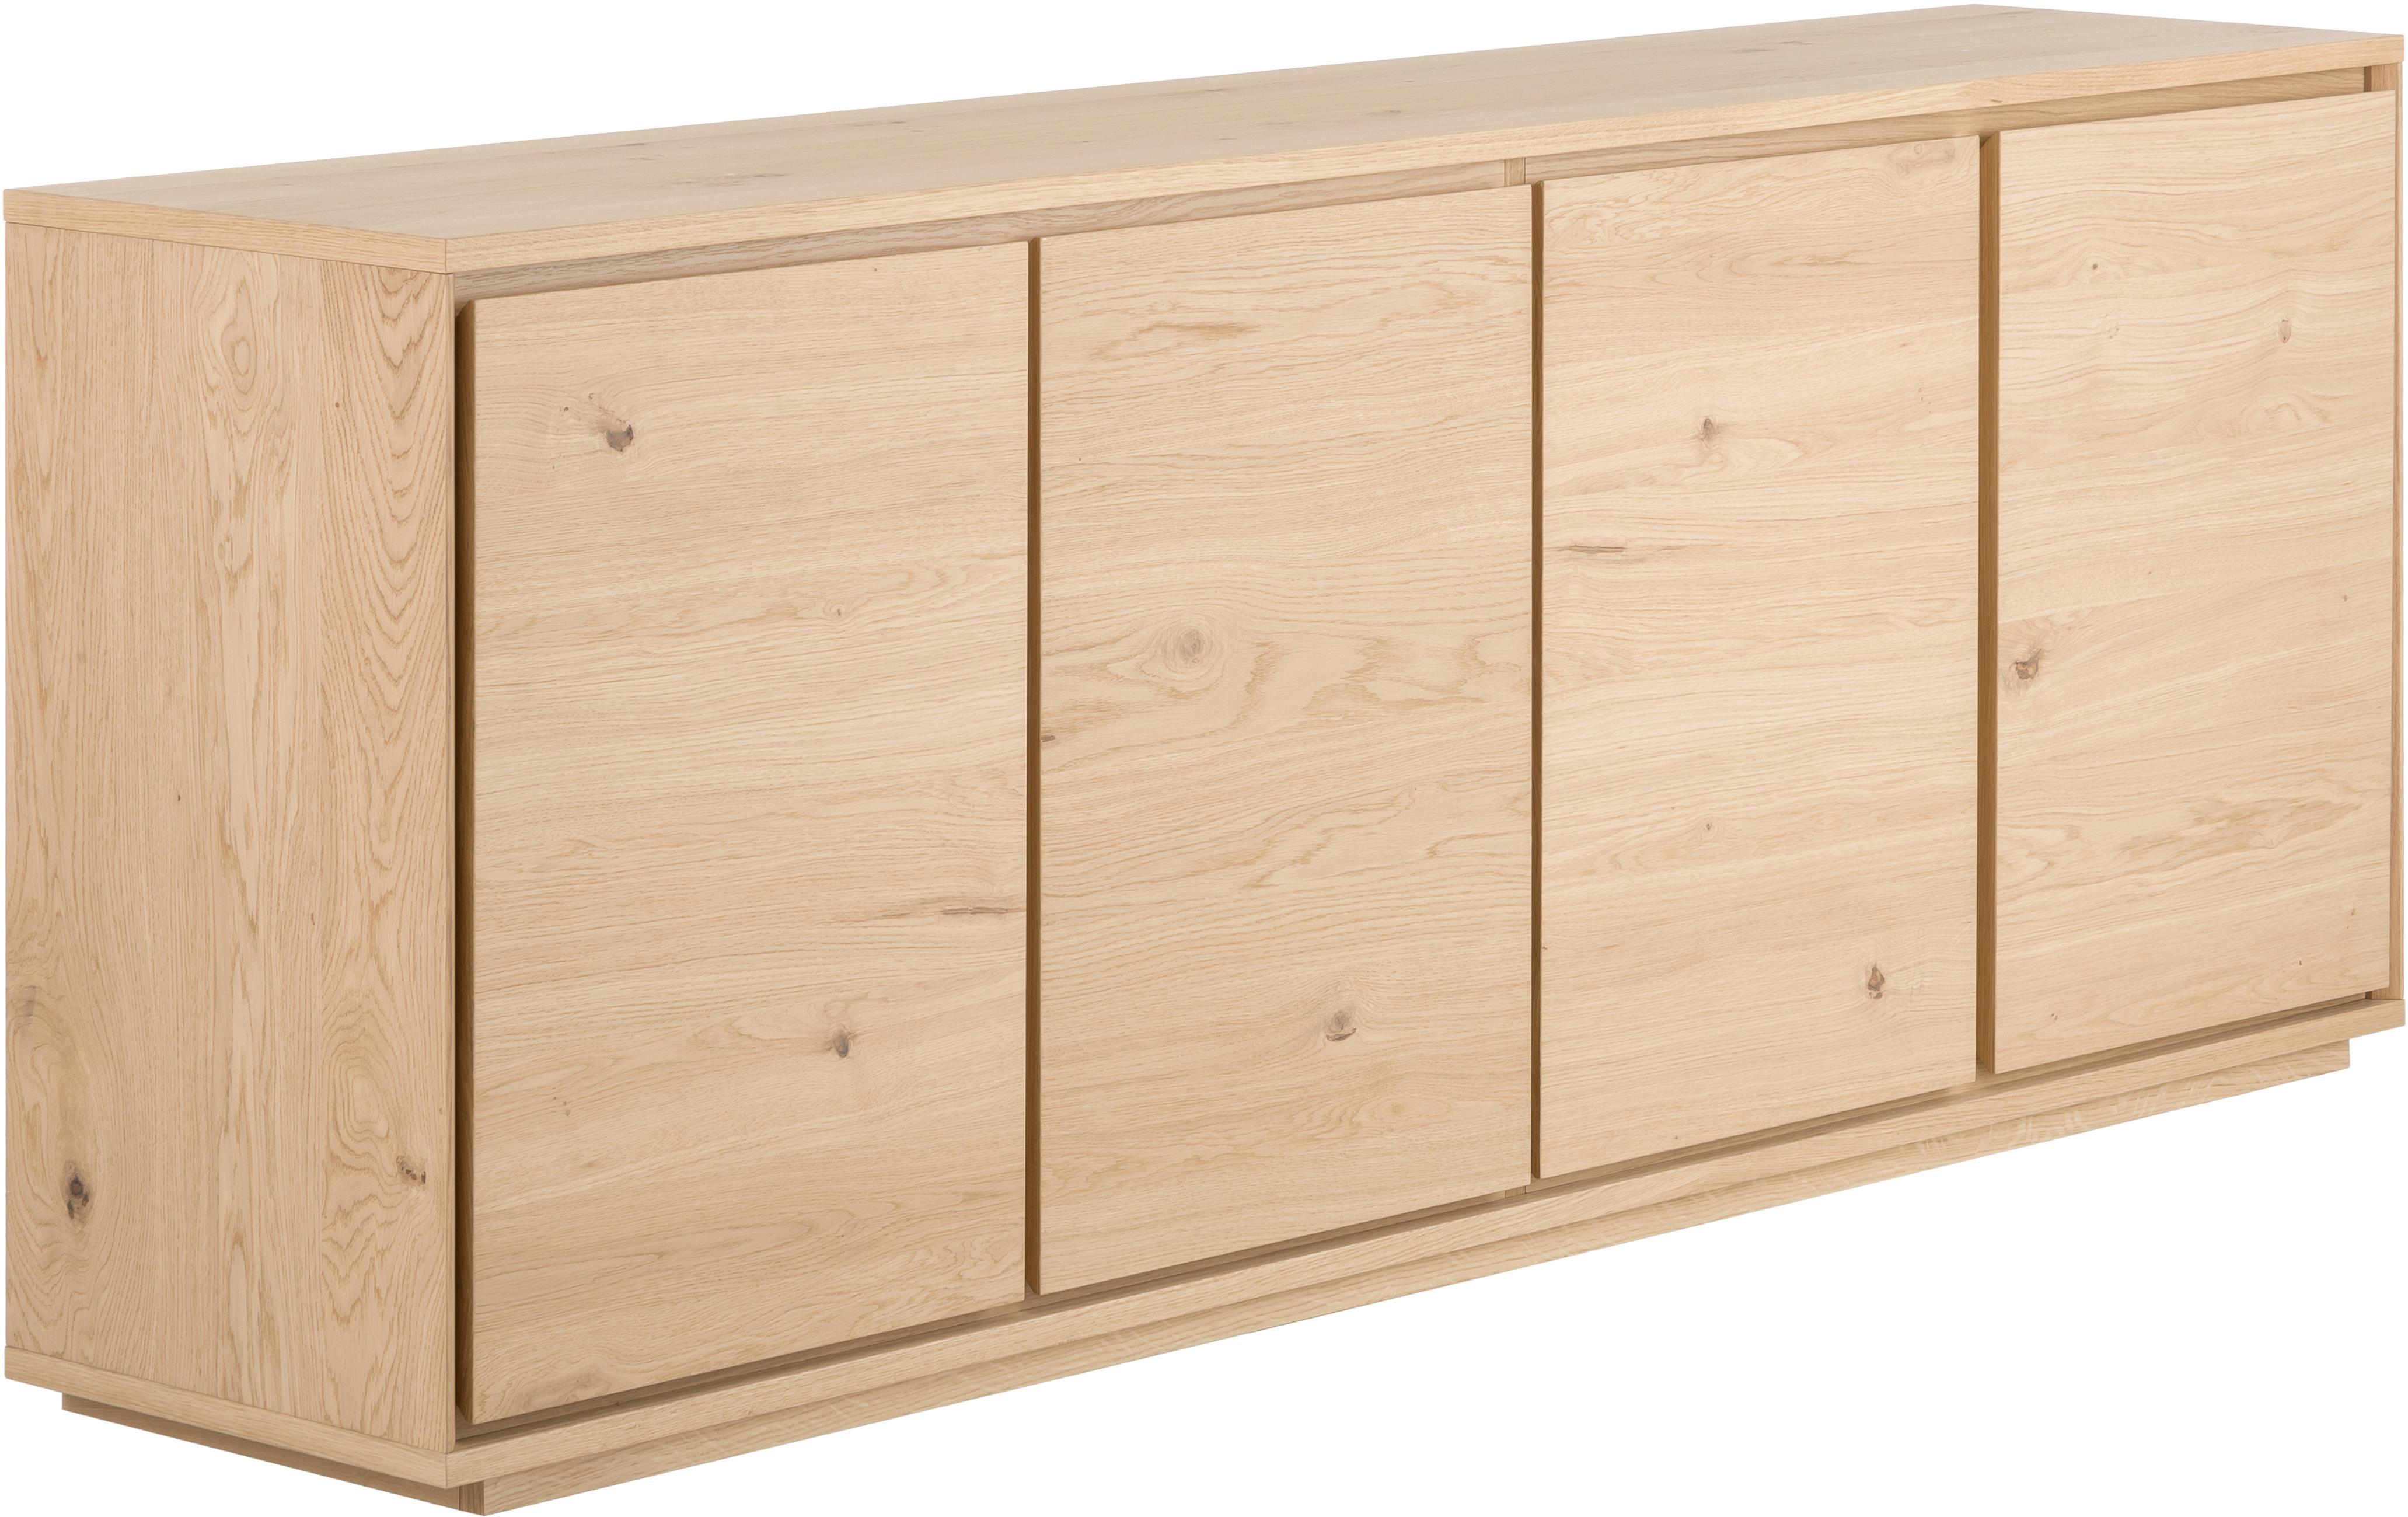 Sideboard Finn mit Eichenholzfurnier, Korpus: Mitteldichte Holzfaserpla, Eichenholz, 217 x 85 cm